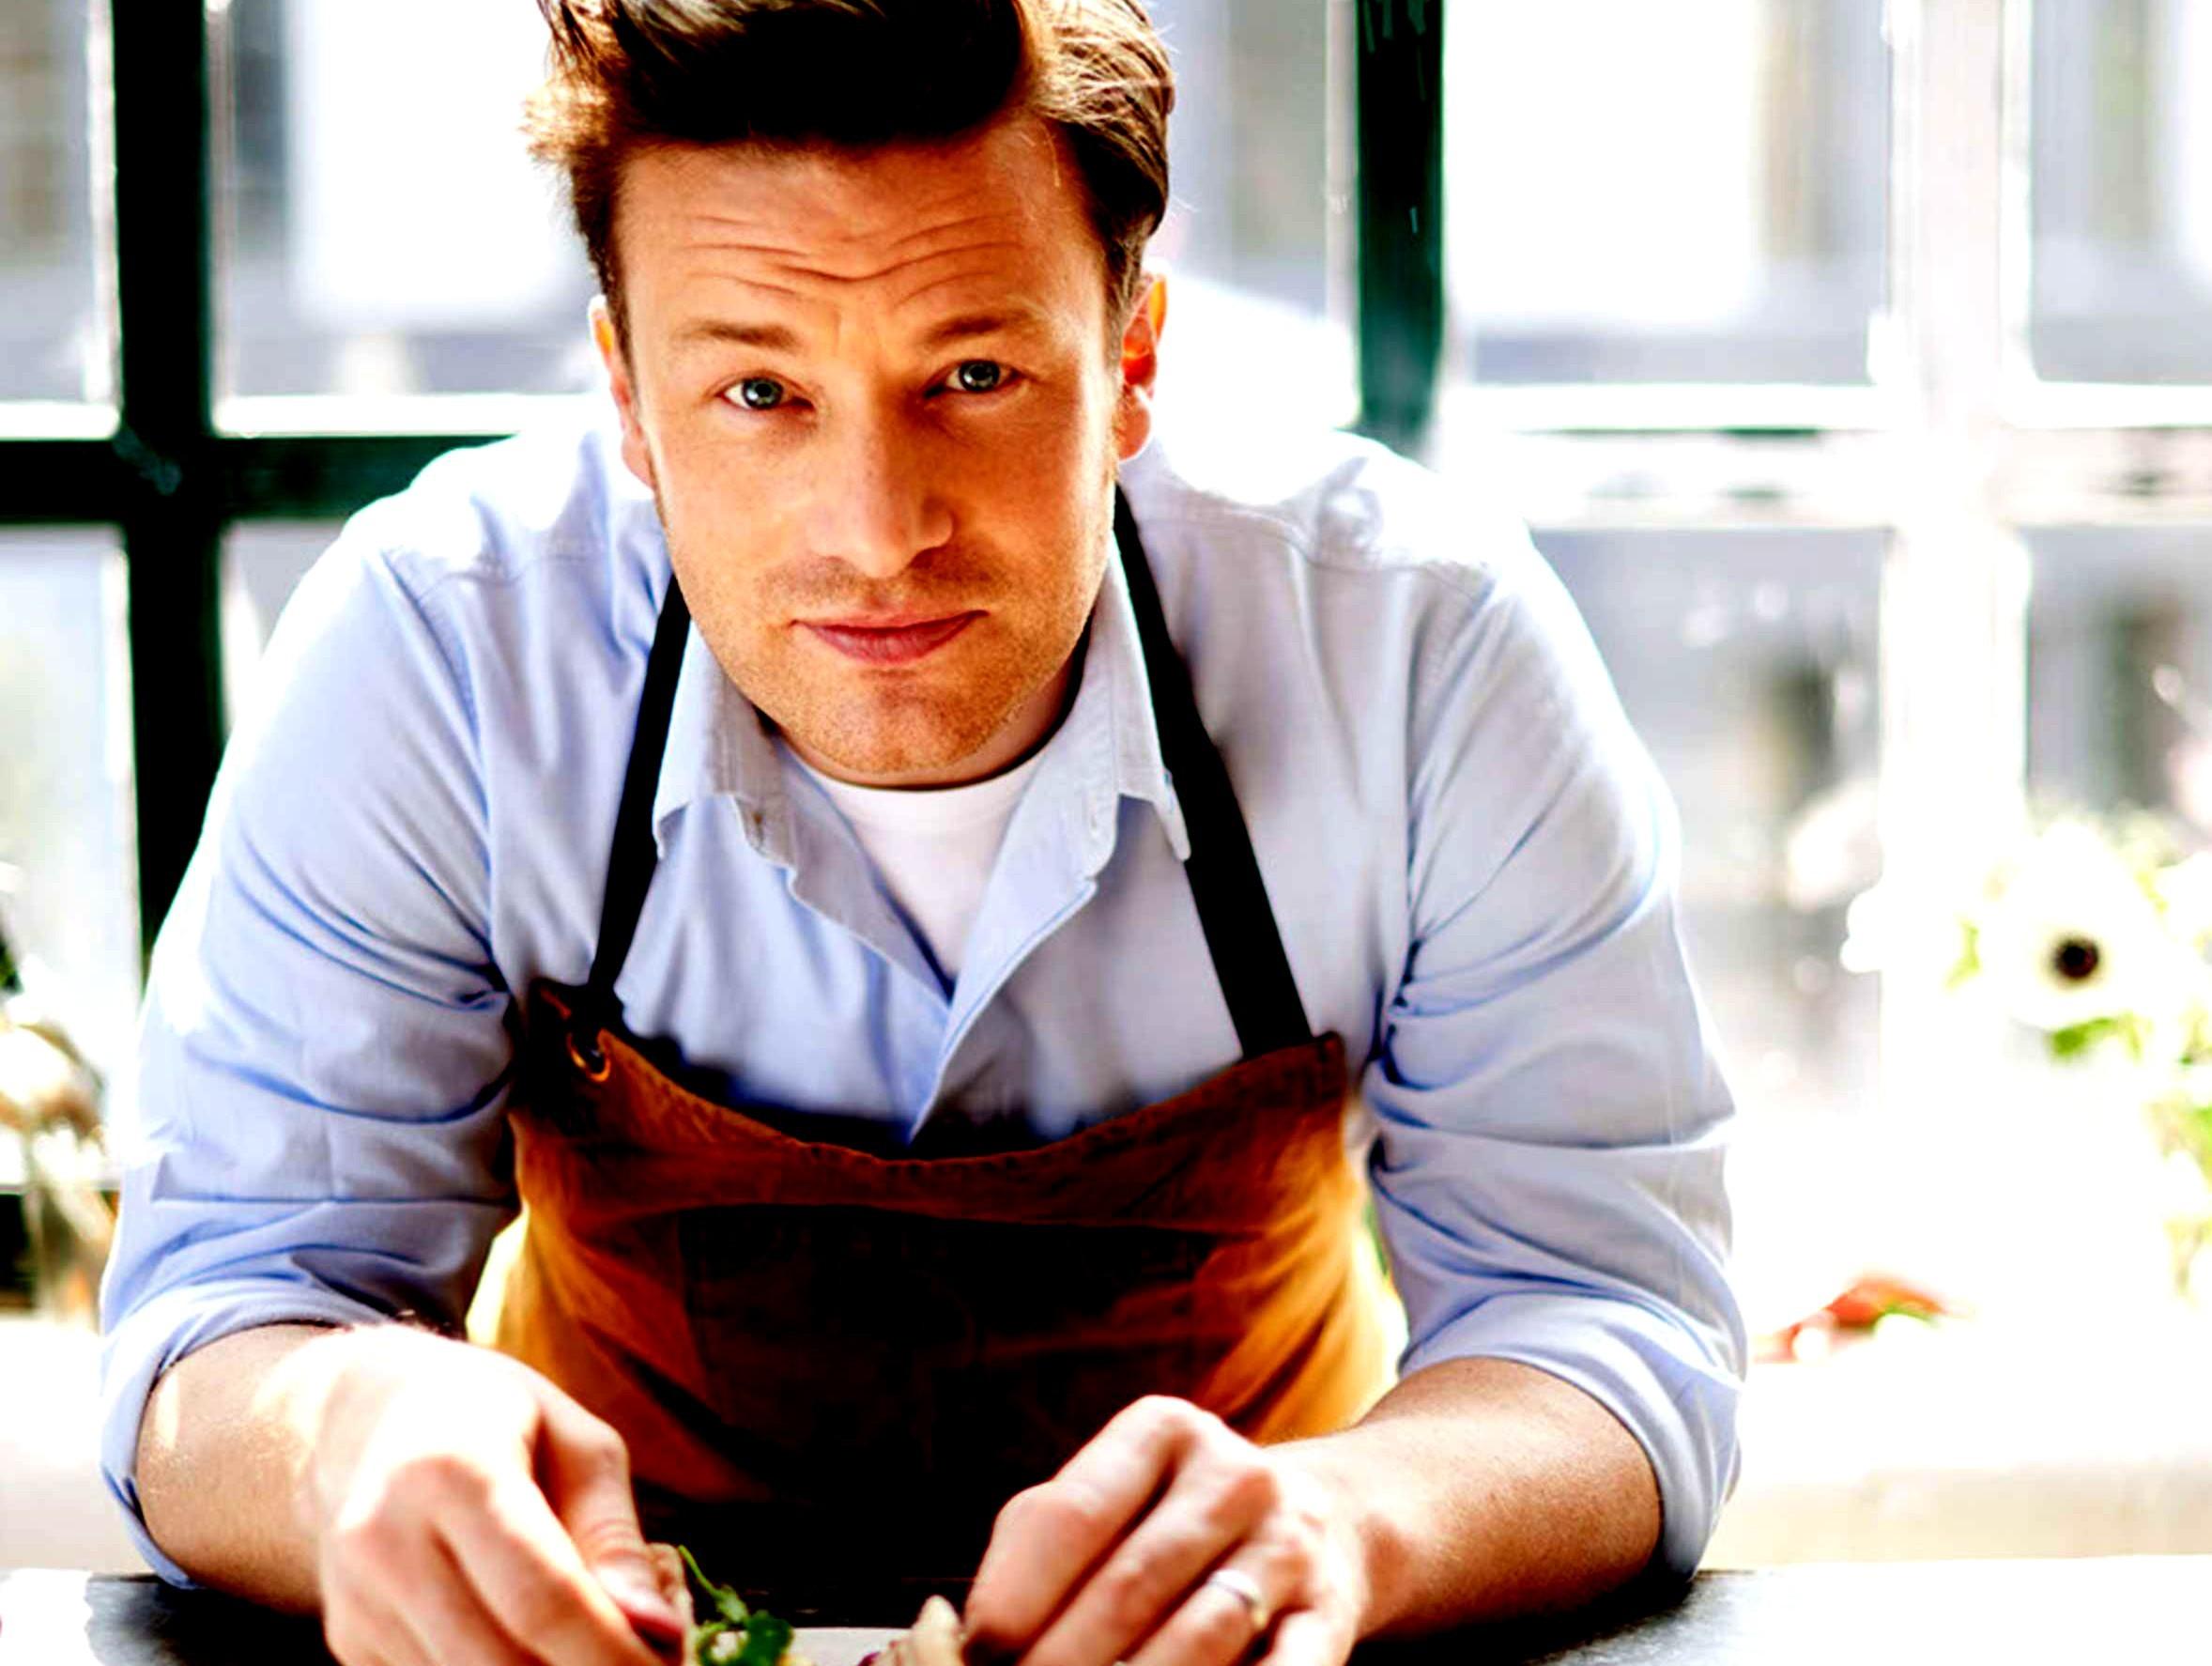 Lanţul de restaurante din Marea Britanie al celebrului bucătar Jamie Oliver a intrat în insolvenţă